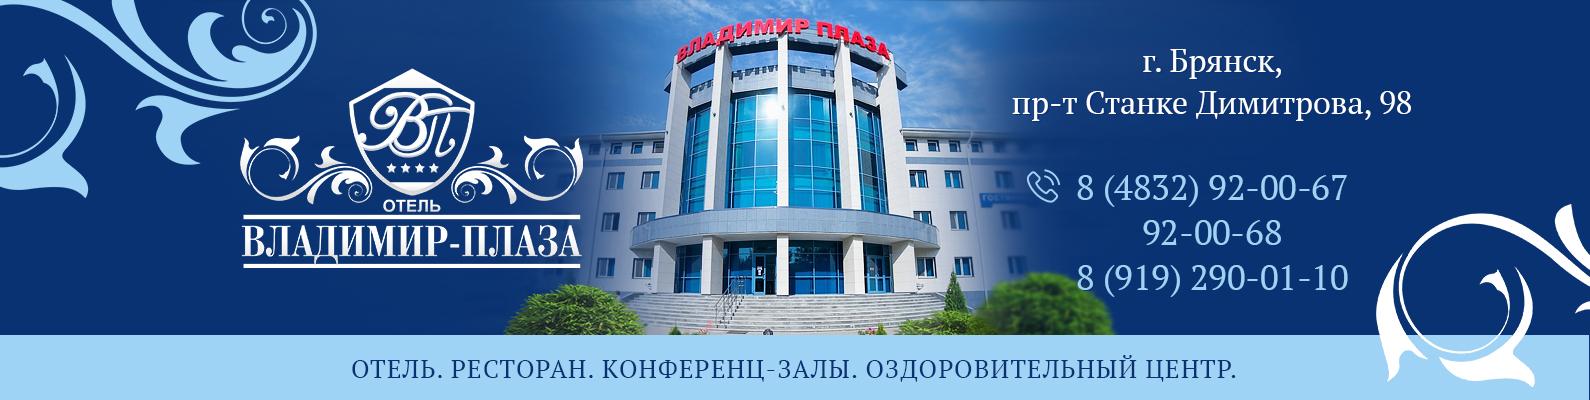 Группа ВК отель Владимир-Плаза